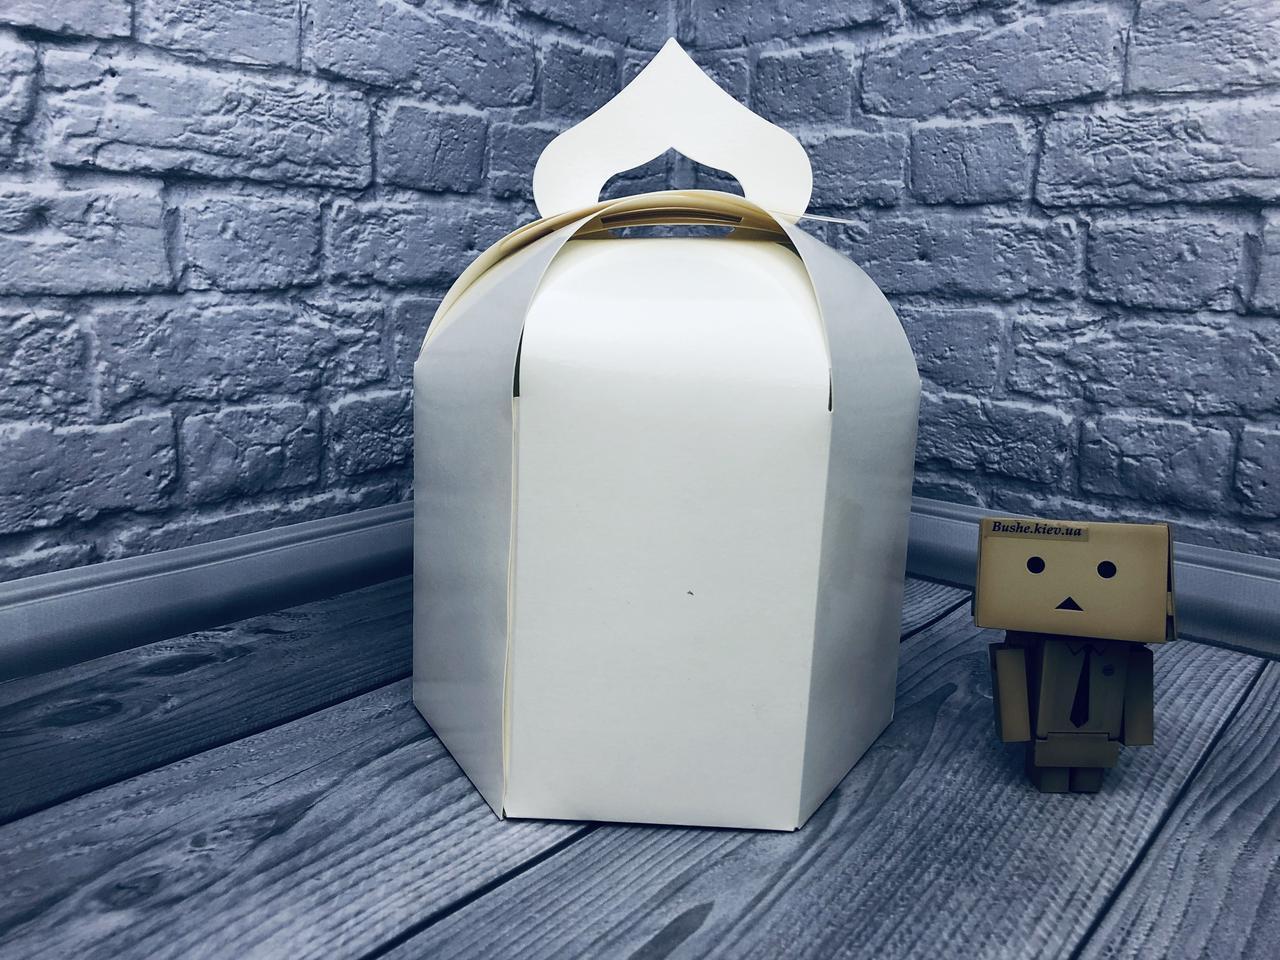 Упаковка для пасхи / 165х165х200 мм / Коробка для кулича / Больш / Белая / Пасха